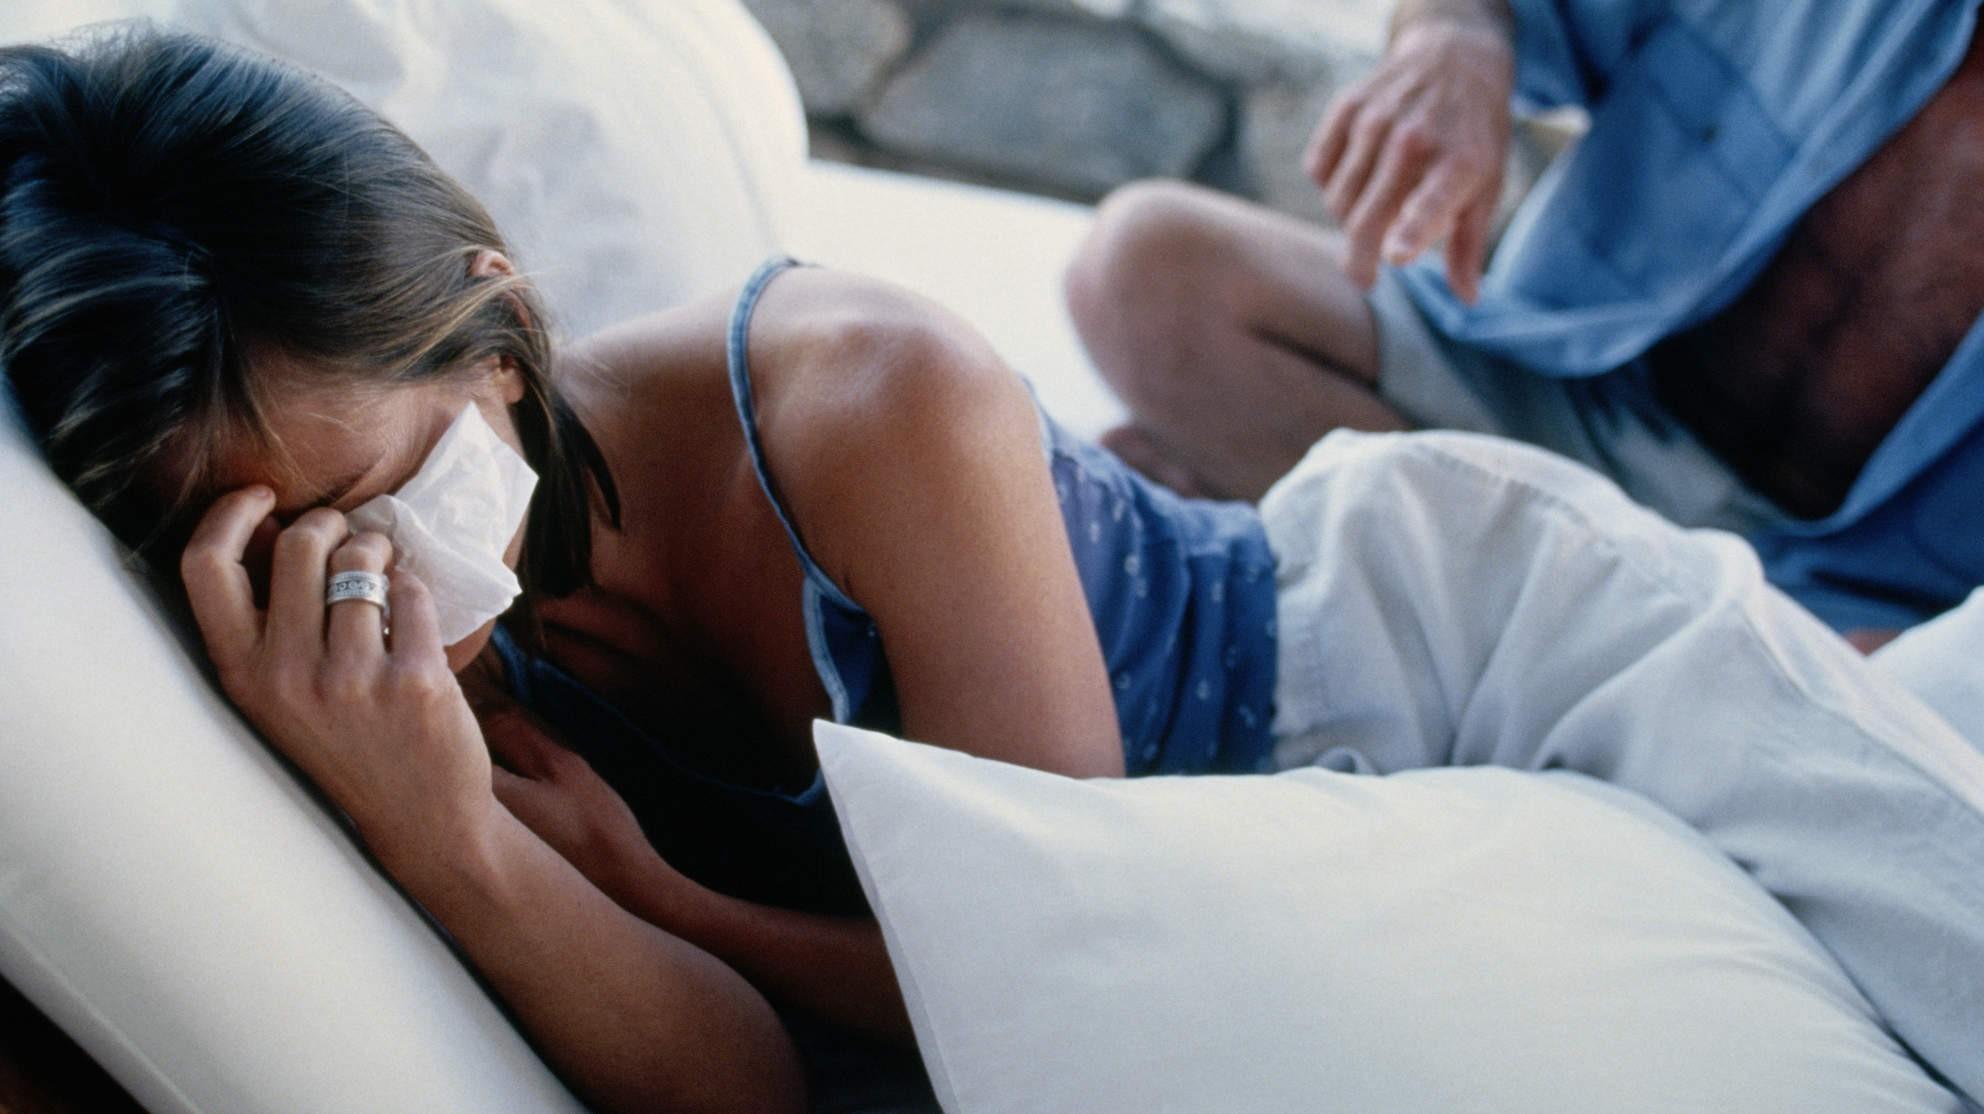 Cứ sau mỗi lần lên đỉnh lại khóc, nam giới cũng có thể gặp chứ không chỉ phụ nữ: Nguyên nhân do đâu? - Ảnh 1.